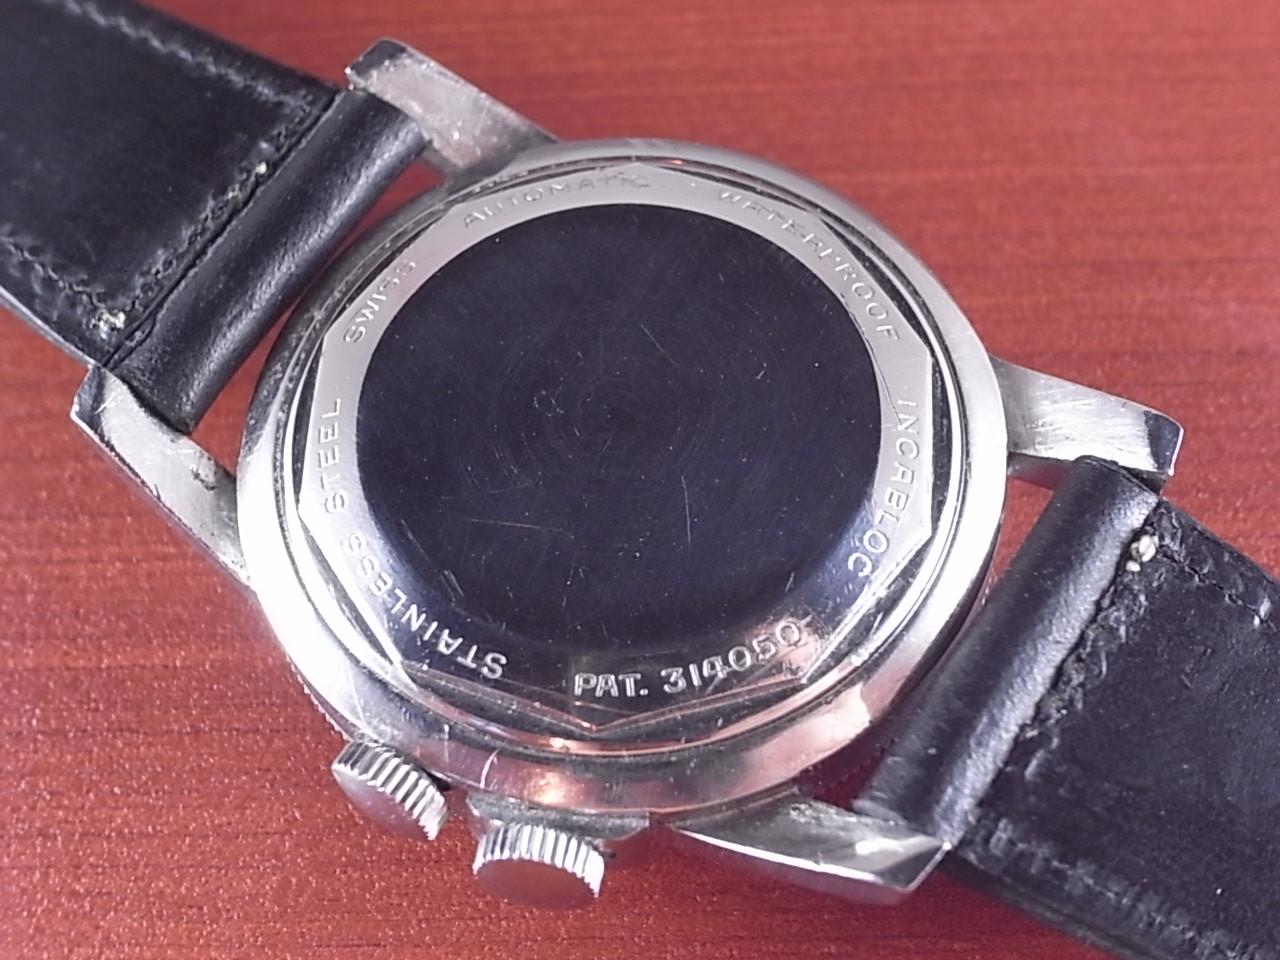 グリシン エアマン スペシャル ブラックダイアル 1960年代の写真4枚目